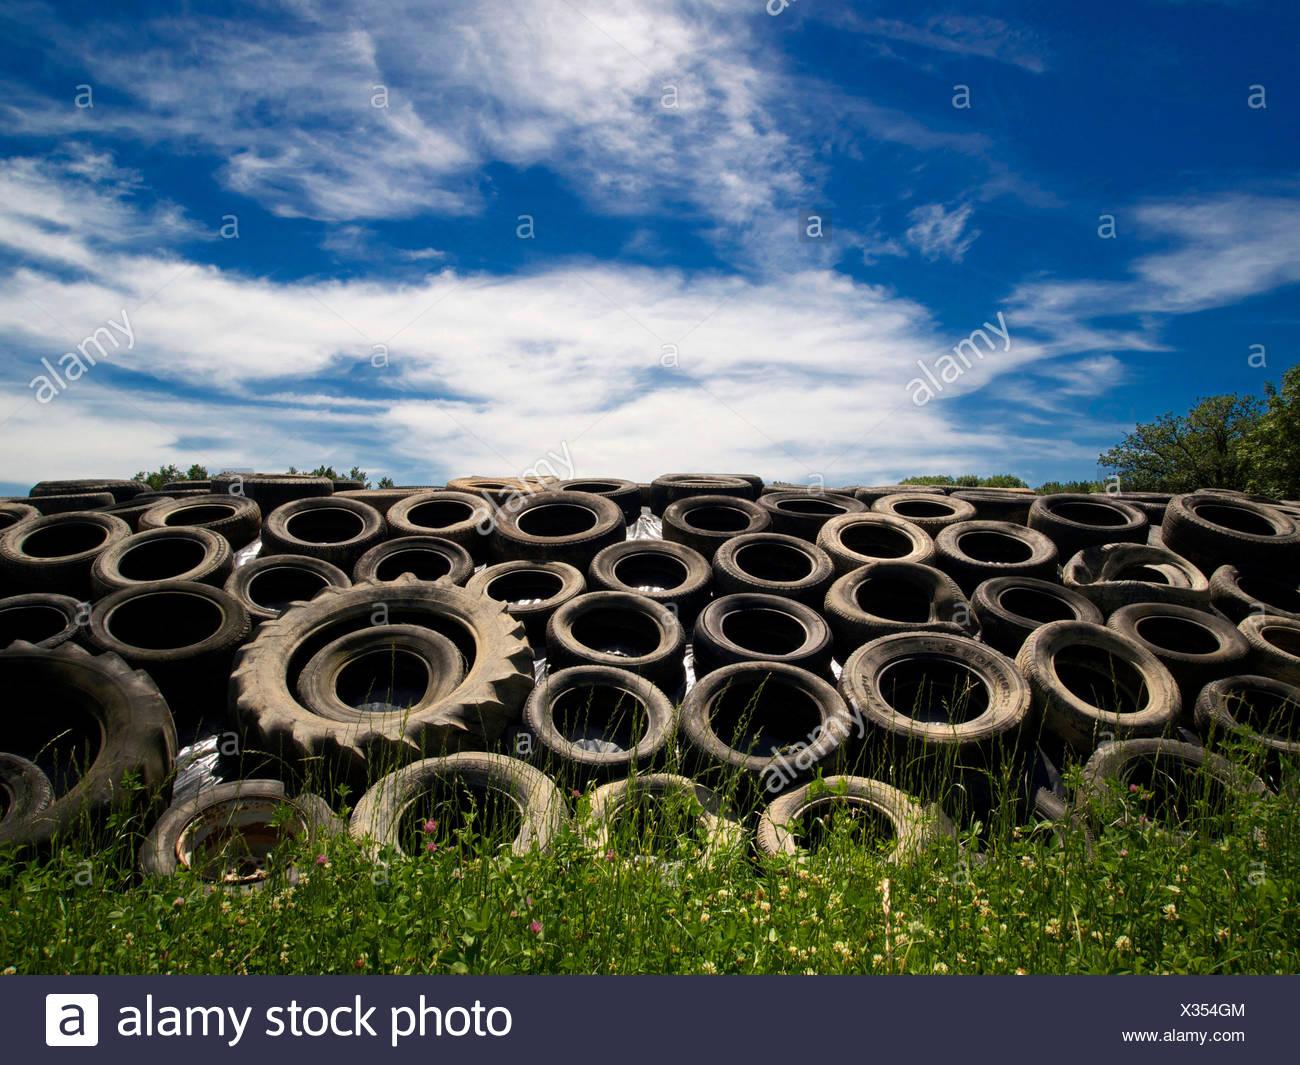 Alten Bauernhof-Reifen in einem Stapel im Freien unter blauem Himmel Stockbild